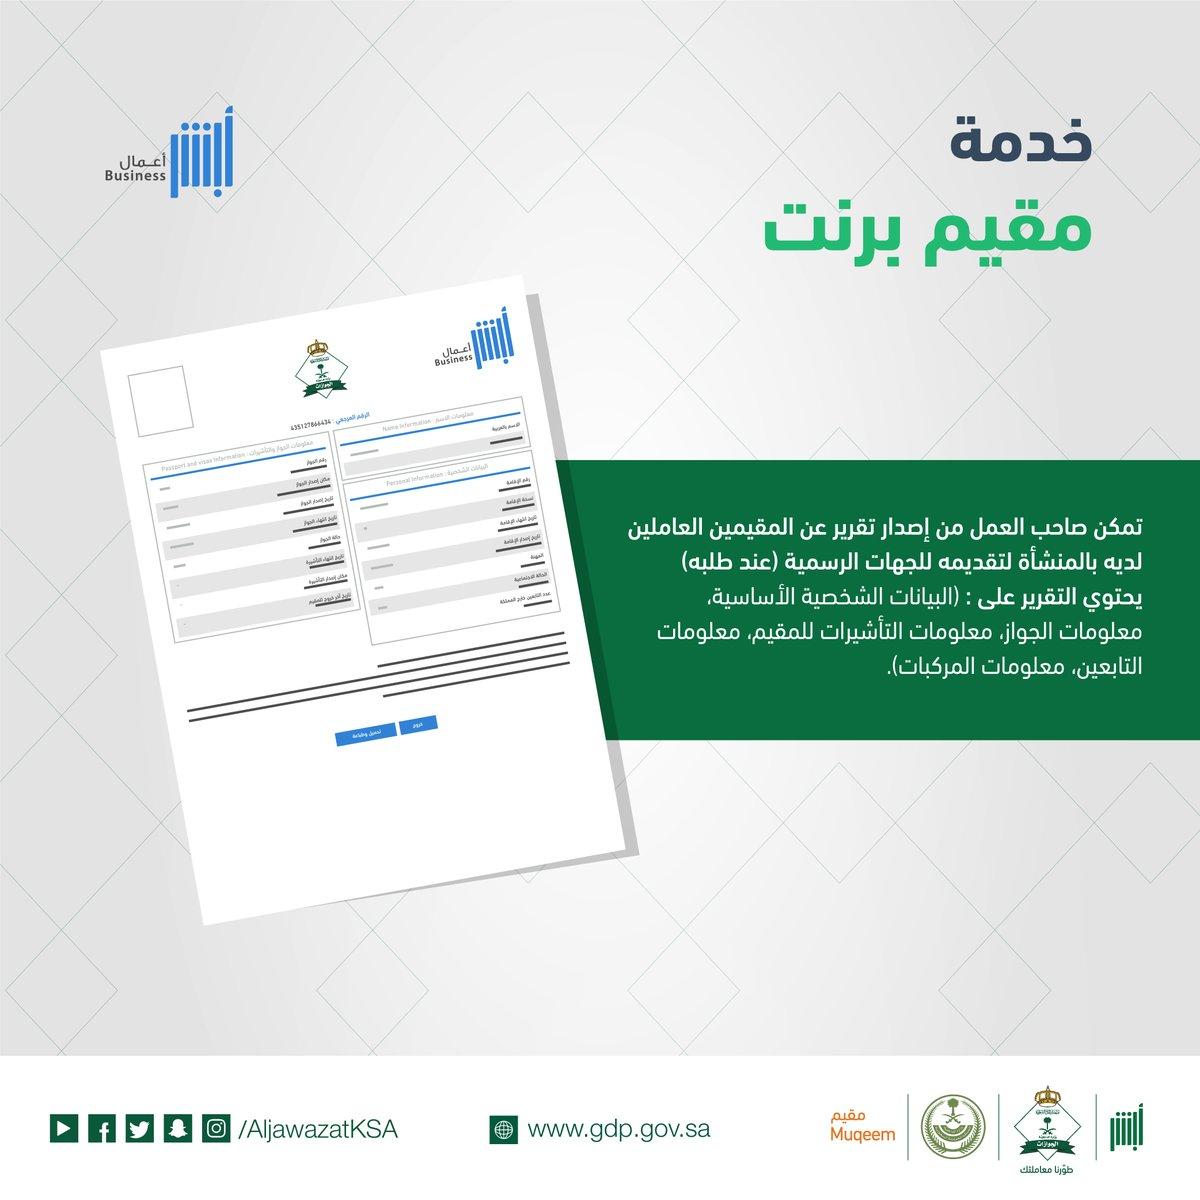 الجوازات ابشر Na Twitteru مرحبــا رسوم تجديد أو إصدار الإقامة للعمالة المنزلية 600ريال للسنه سعدنا بخدمتكم